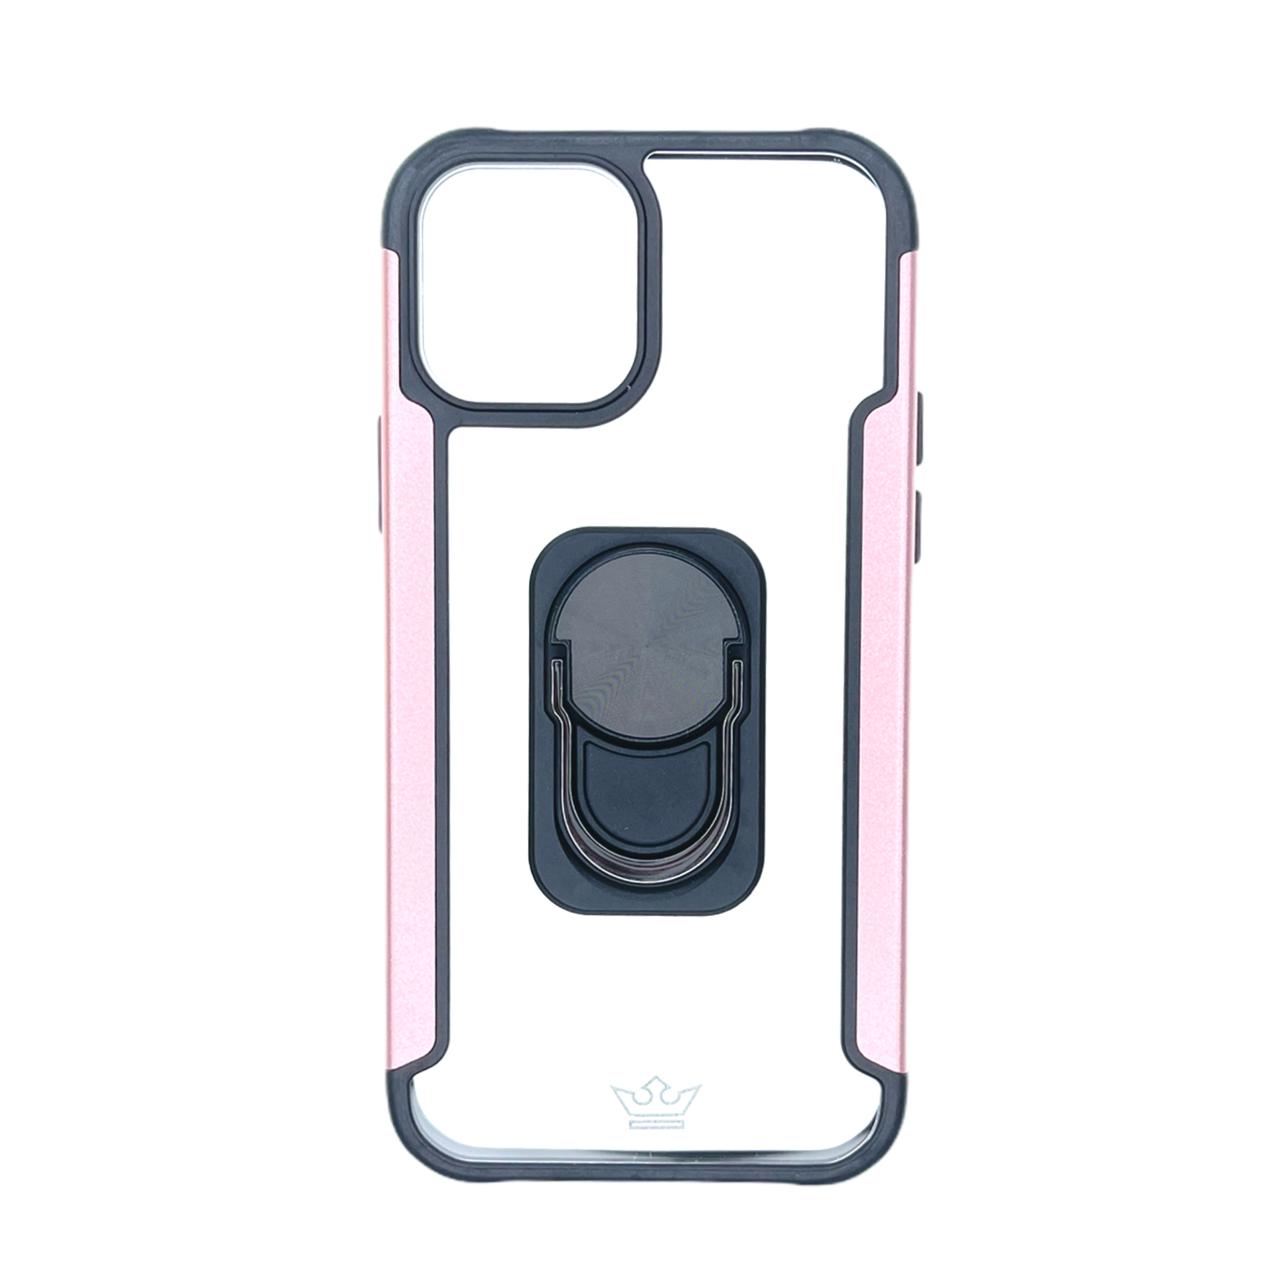 Estuche EL REY Transparente y metal a los lados rosado con funcion de anillo IPHONE 12 / PRO 6.1